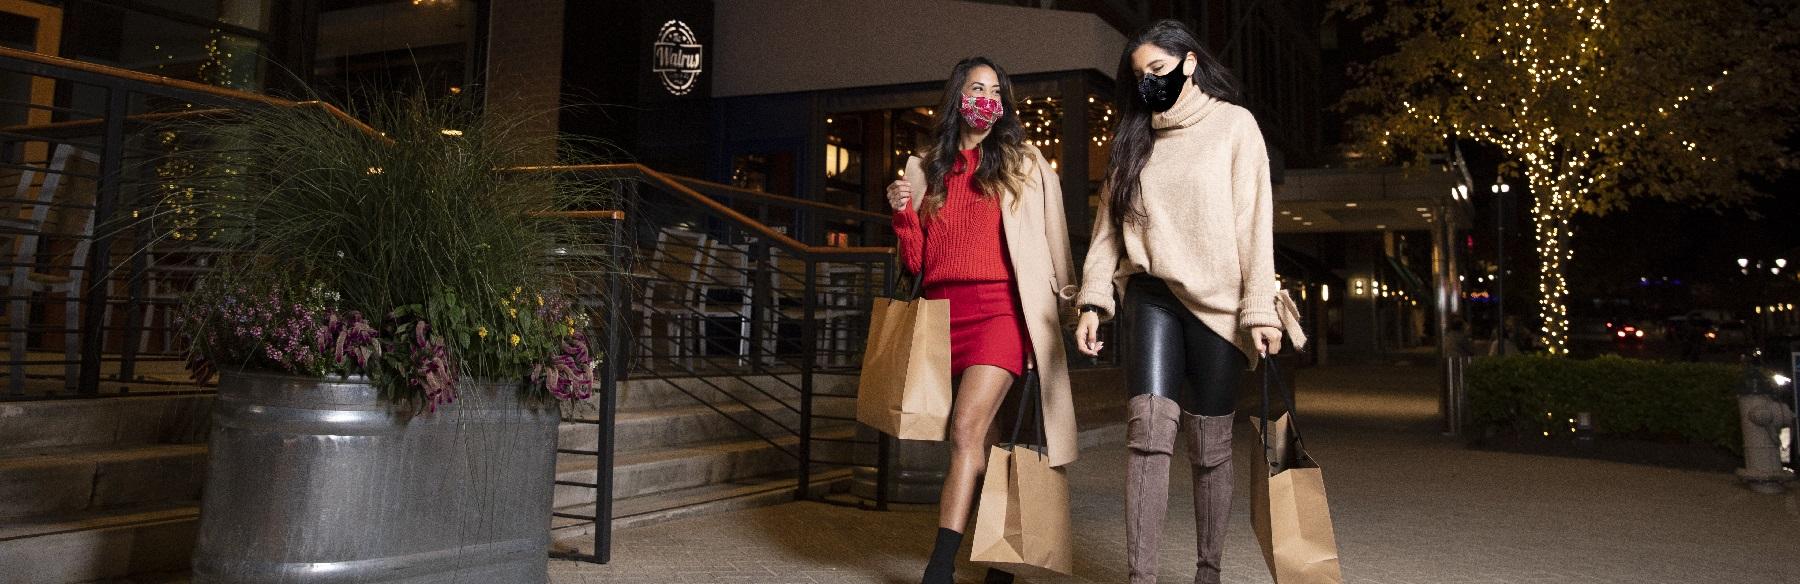 masks shopping cropped